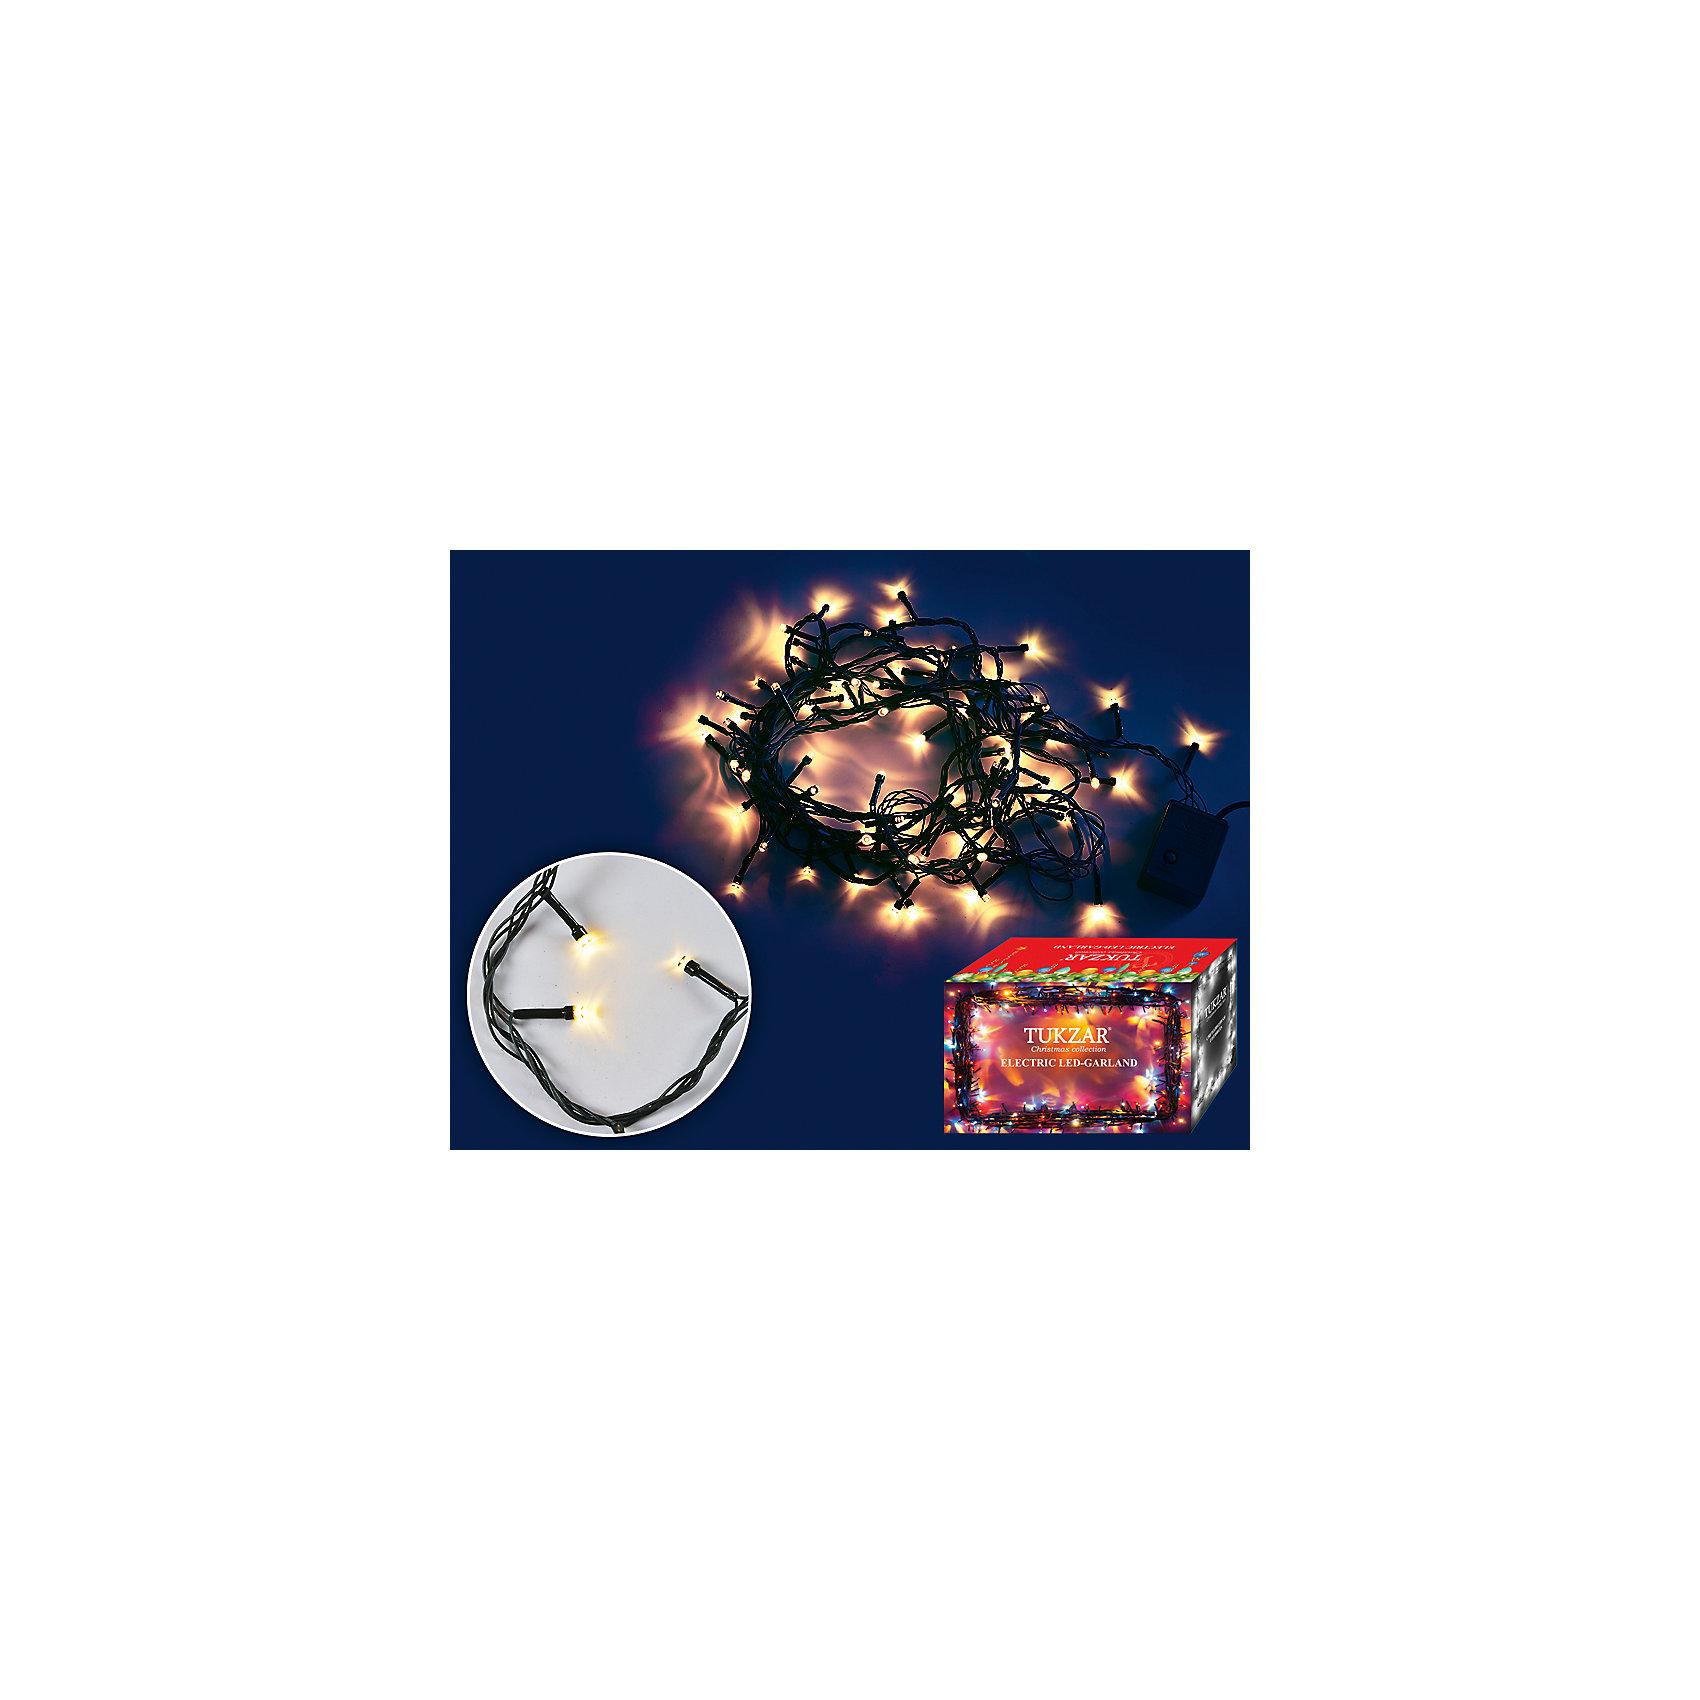 Светодиодная гирлянда 5 м, 80 лампСветодиодная гирлянда 5 м, 80 ламп – этот аксессуар принесет в ваш дом волшебство и красоту праздника.<br>Светодиодная гирлянда, станет замечательным украшением Вашей новогодней елки или интерьера и поможет создать праздничную волшебную атмосферу. Гирлянда состоит из 80 ламп, светится теплым белым цветом, работает в 8 режимах мигания. Она будет чудесно смотреться на елке, и радовать детей и взрослых.<br><br>Дополнительная информация:<br><br>- Количество ламп: 80 (теплый белый цвет)<br>- Длина гирлянды: 5 м.<br>- Зеленый провод<br>- Размер упаковки: 20х10х10 см.<br>- Вес: 500 гр.<br><br>Светодиодную гирлянду 5 м, 80 ламп можно купить в нашем интернет-магазине.<br><br>Ширина мм: 200<br>Глубина мм: 100<br>Высота мм: 100<br>Вес г: 500<br>Возраст от месяцев: 36<br>Возраст до месяцев: 2147483647<br>Пол: Унисекс<br>Возраст: Детский<br>SKU: 4437444